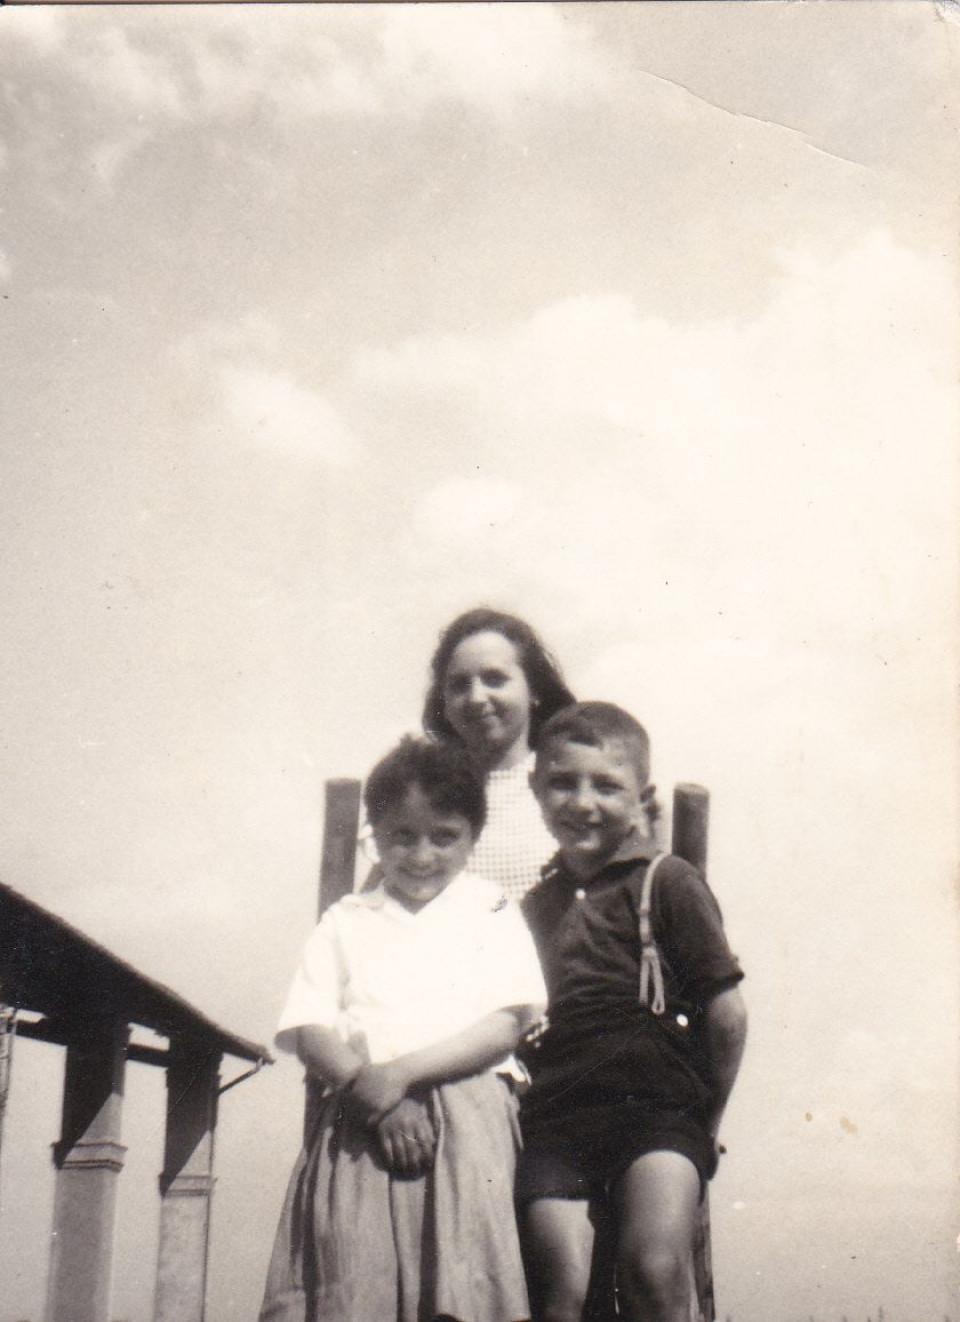 Calderara, 1959